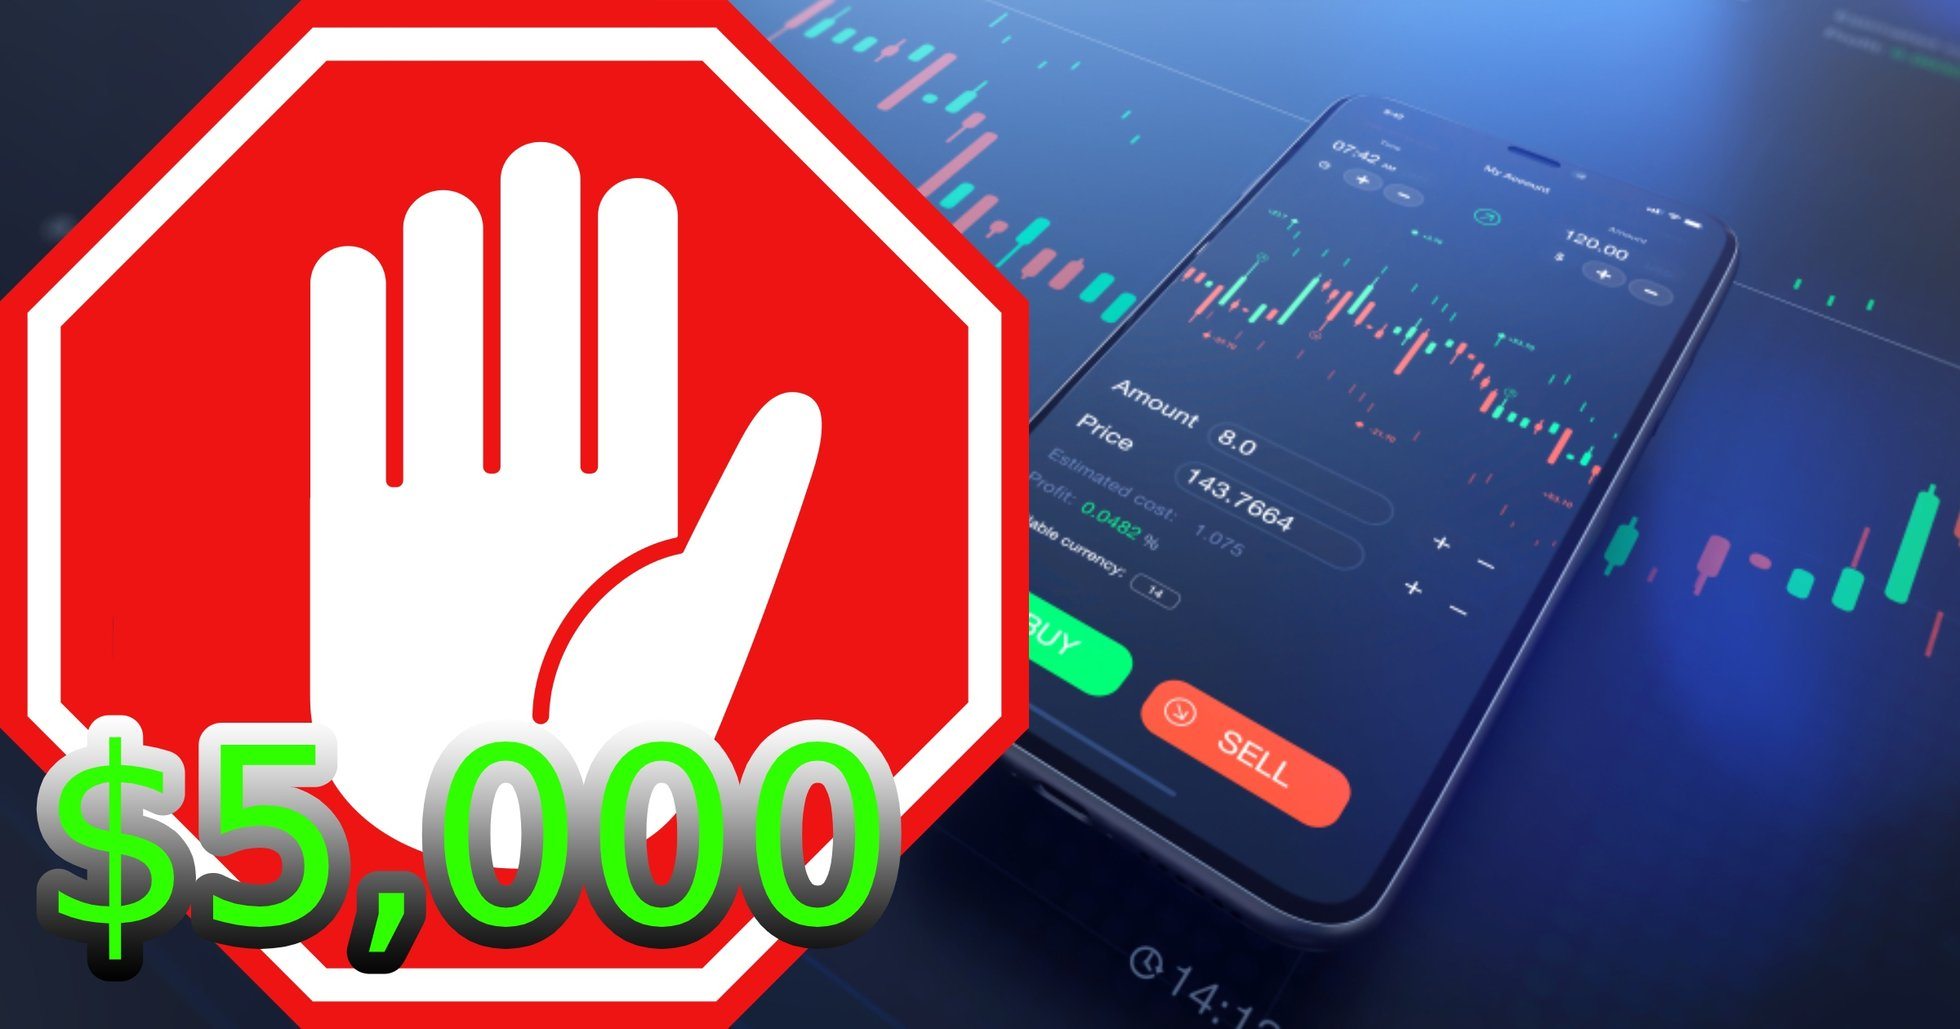 Analytikern: Hit men inte längre! Bitcoinprisets nedgång stannar runt 5 000 dollar